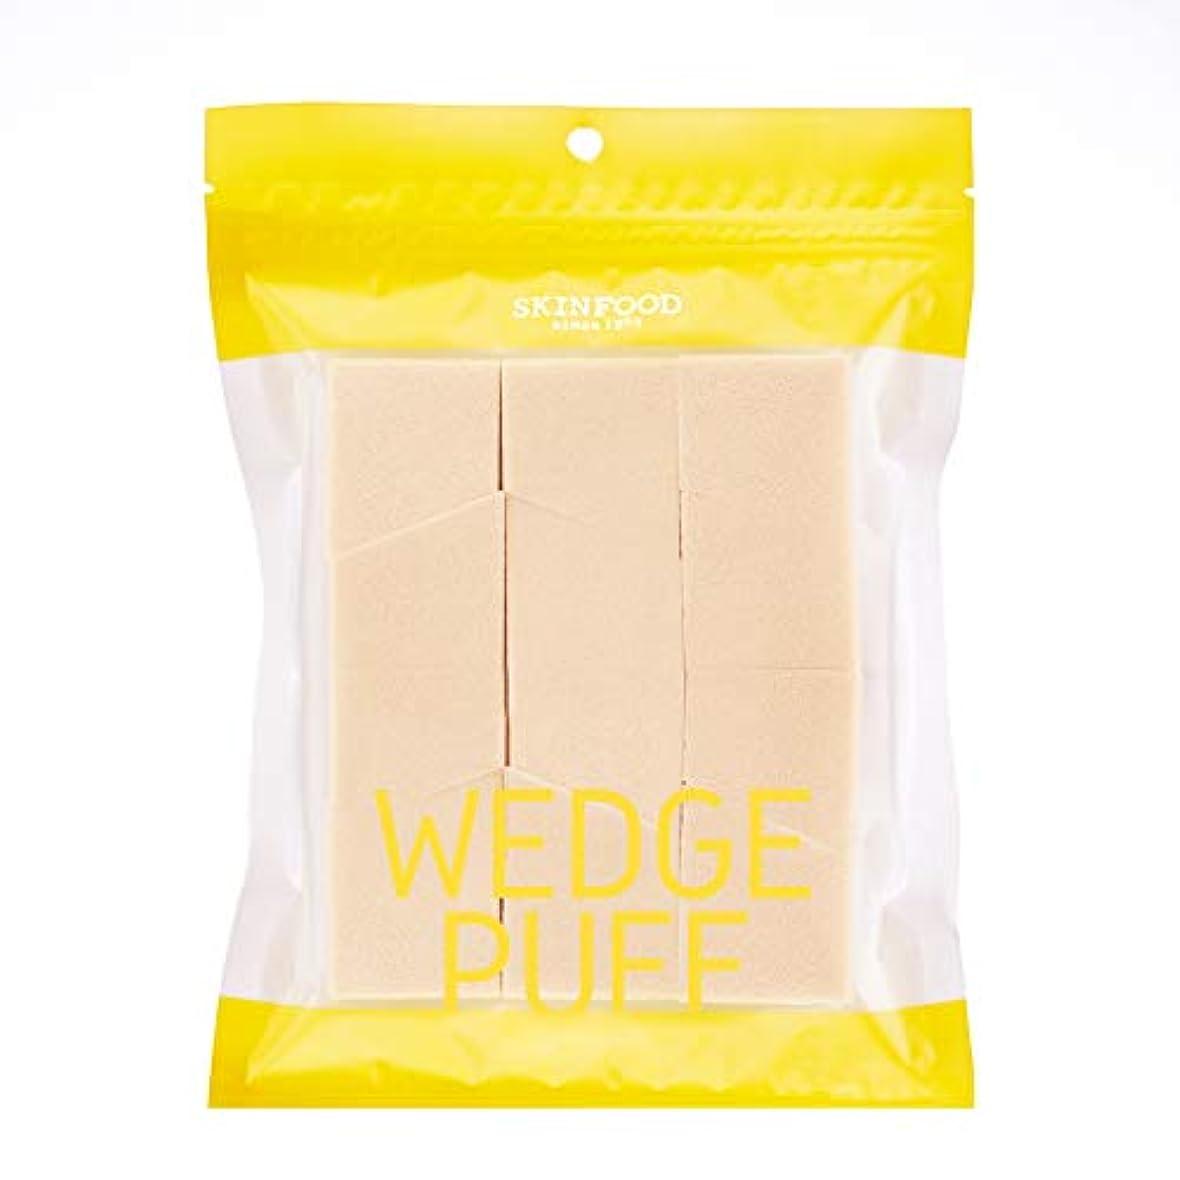 書士数化合物[2016 New] SKINFOOD Wedge Puff Sponge Jumbo Size (12pcs)/スキンフード ウェッジ パフ スポンジ ジャンボサイズ (12個入り)